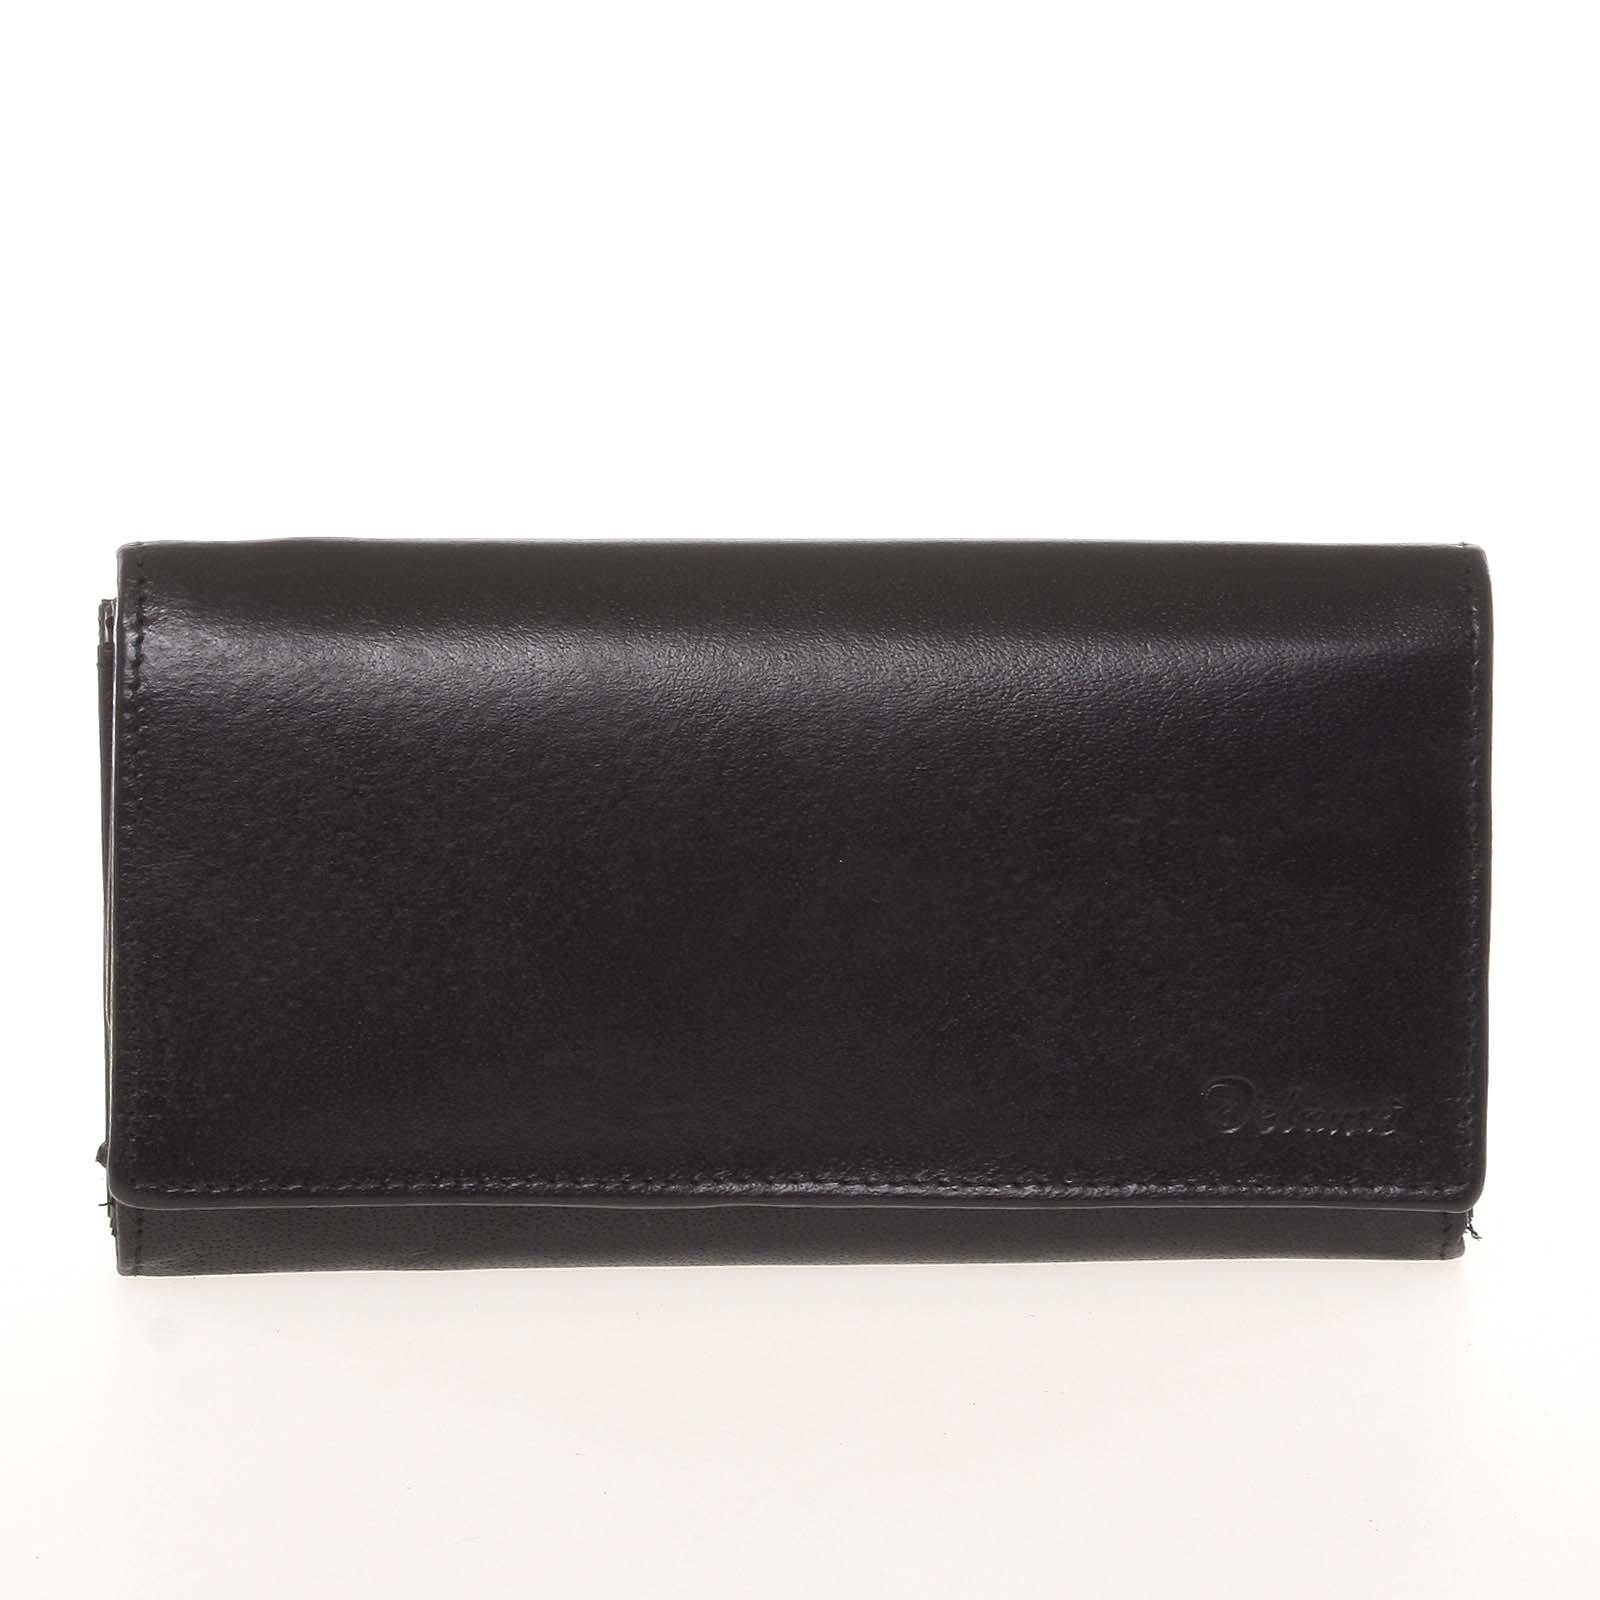 Dámská kožená černá peněženka - Delami CHAGL04104